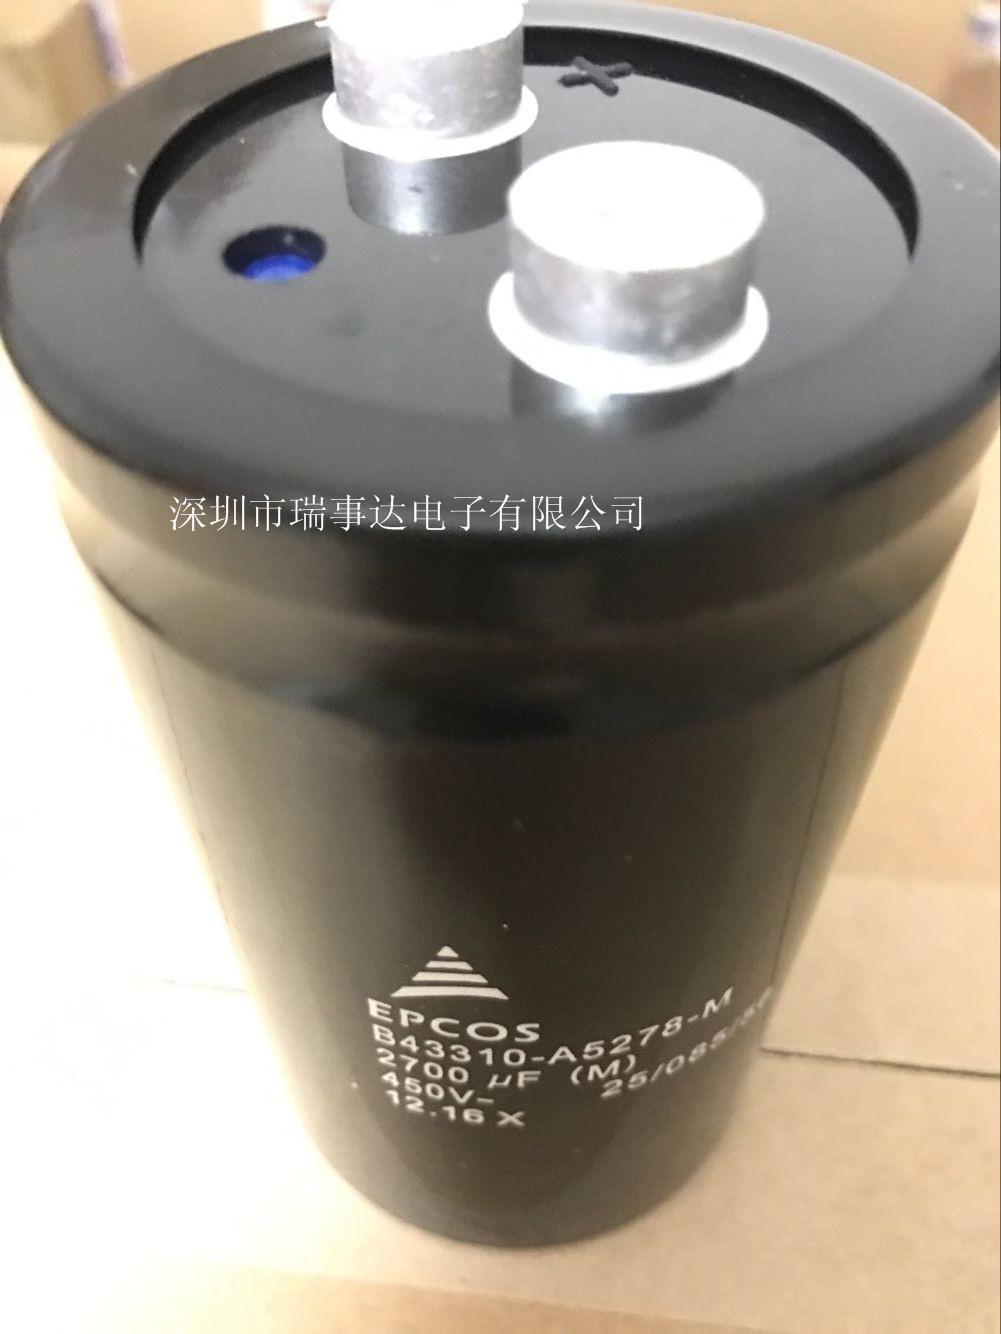 EPCOS B43310-A5278-M电容器2700uF/450V